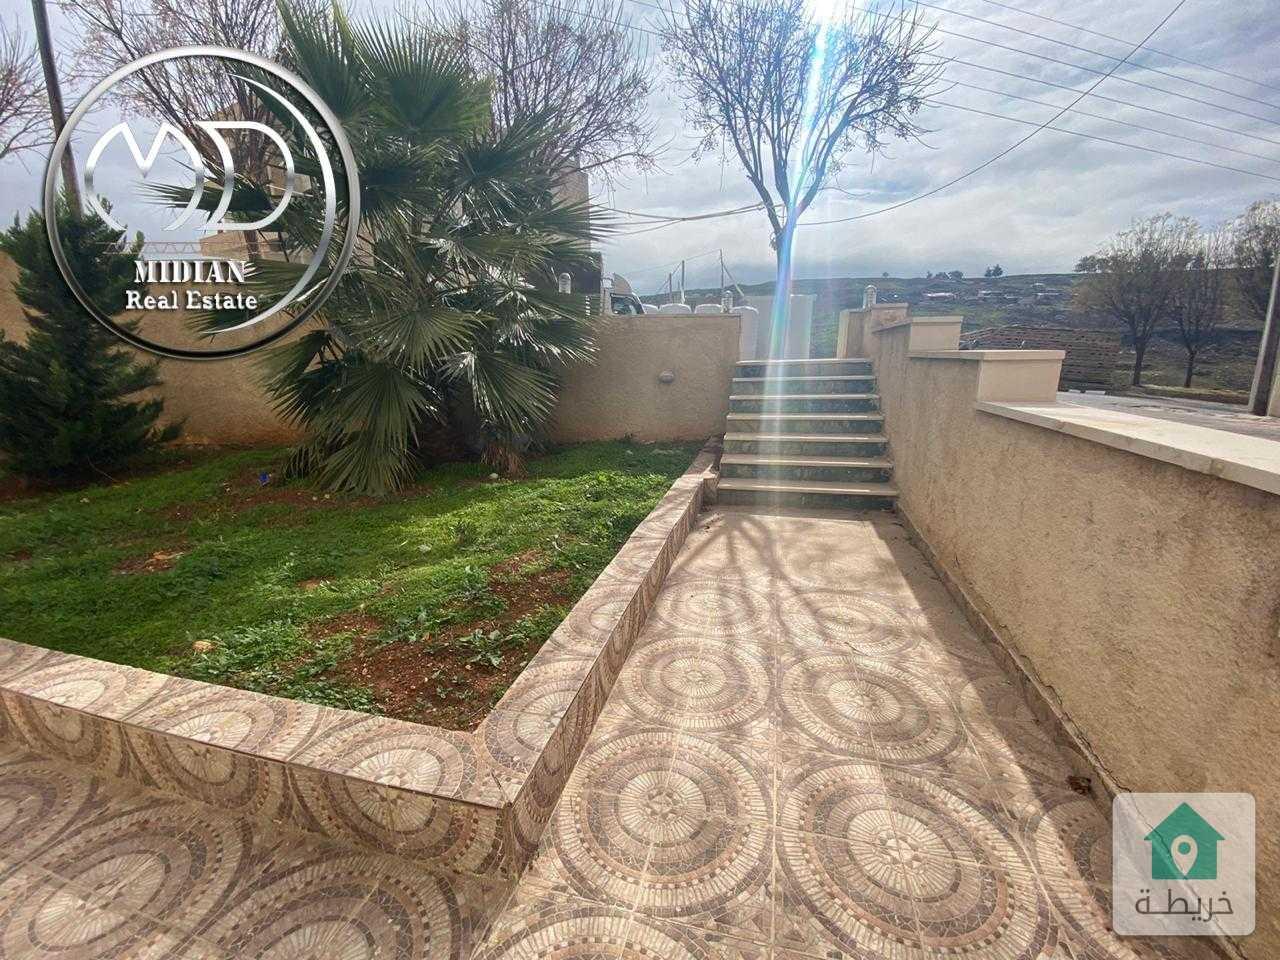 شقة شبه ارضي جديدة للبيع دير غبار مساحة 300م مع ترس وحديقة سوبر ديلوكس